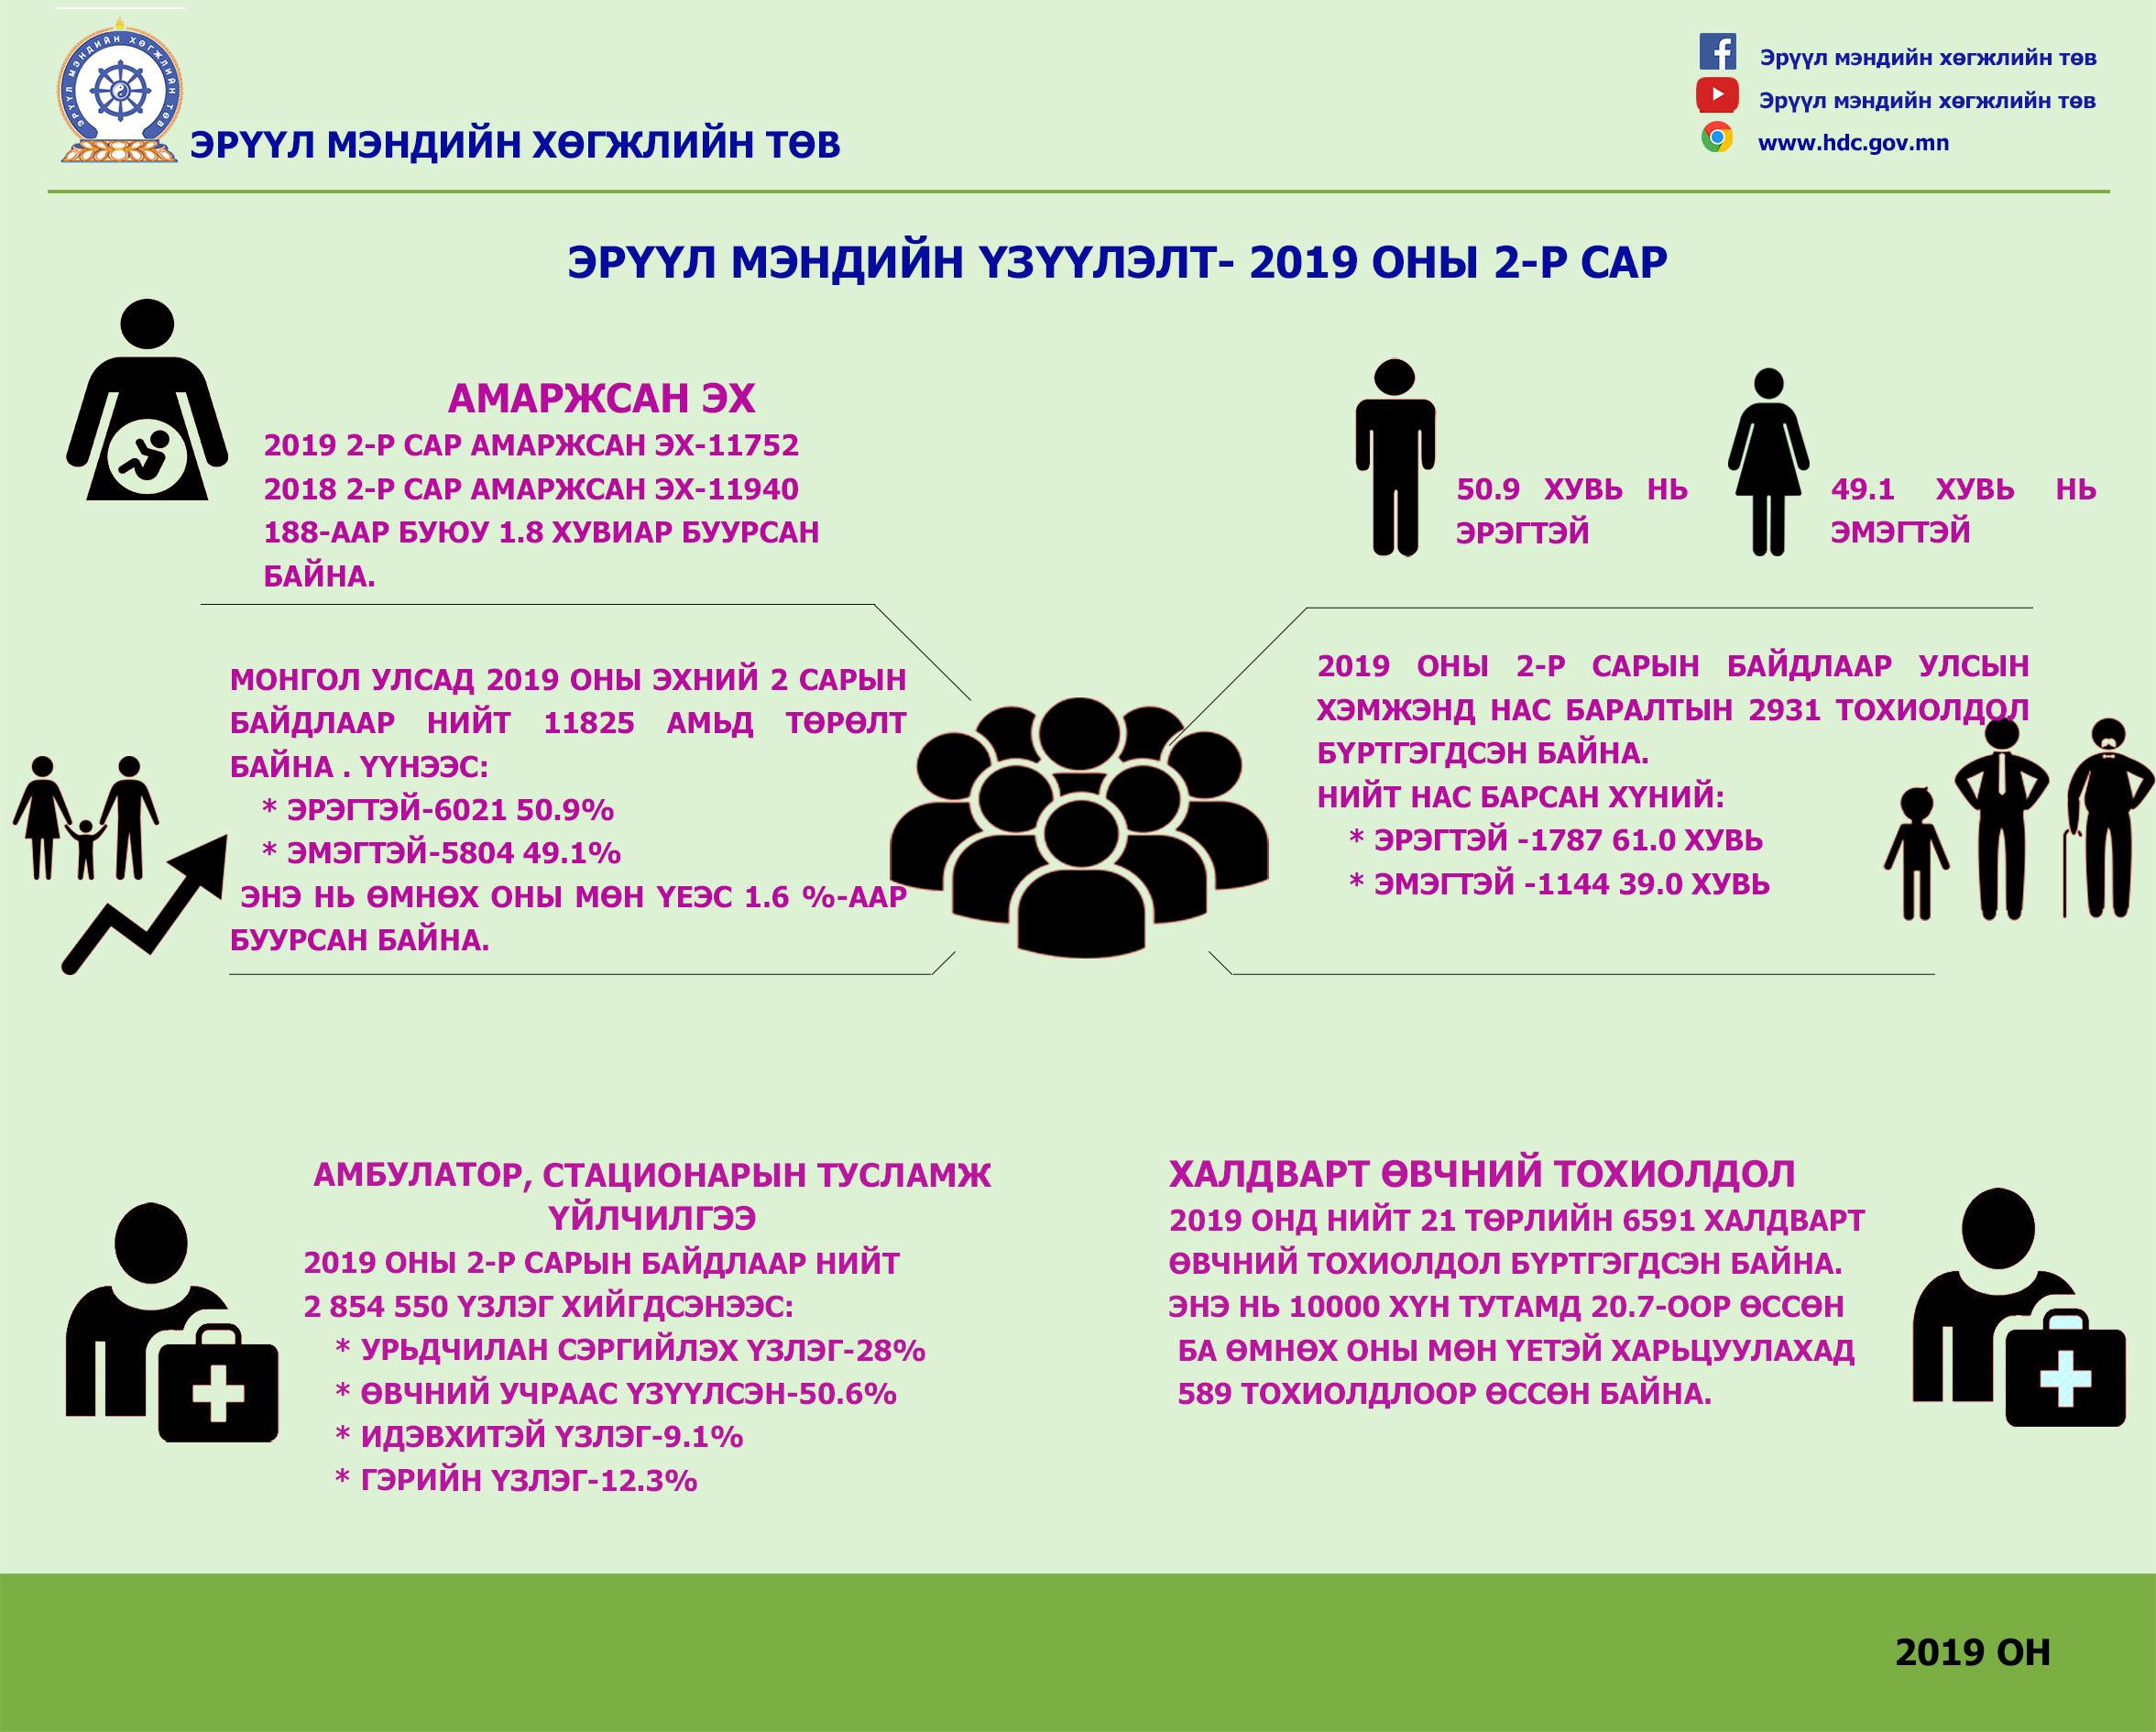 Монголчуудын нас баралтын тэргүүлэх шалтгаан нь зүрх-судасны өвчлөл